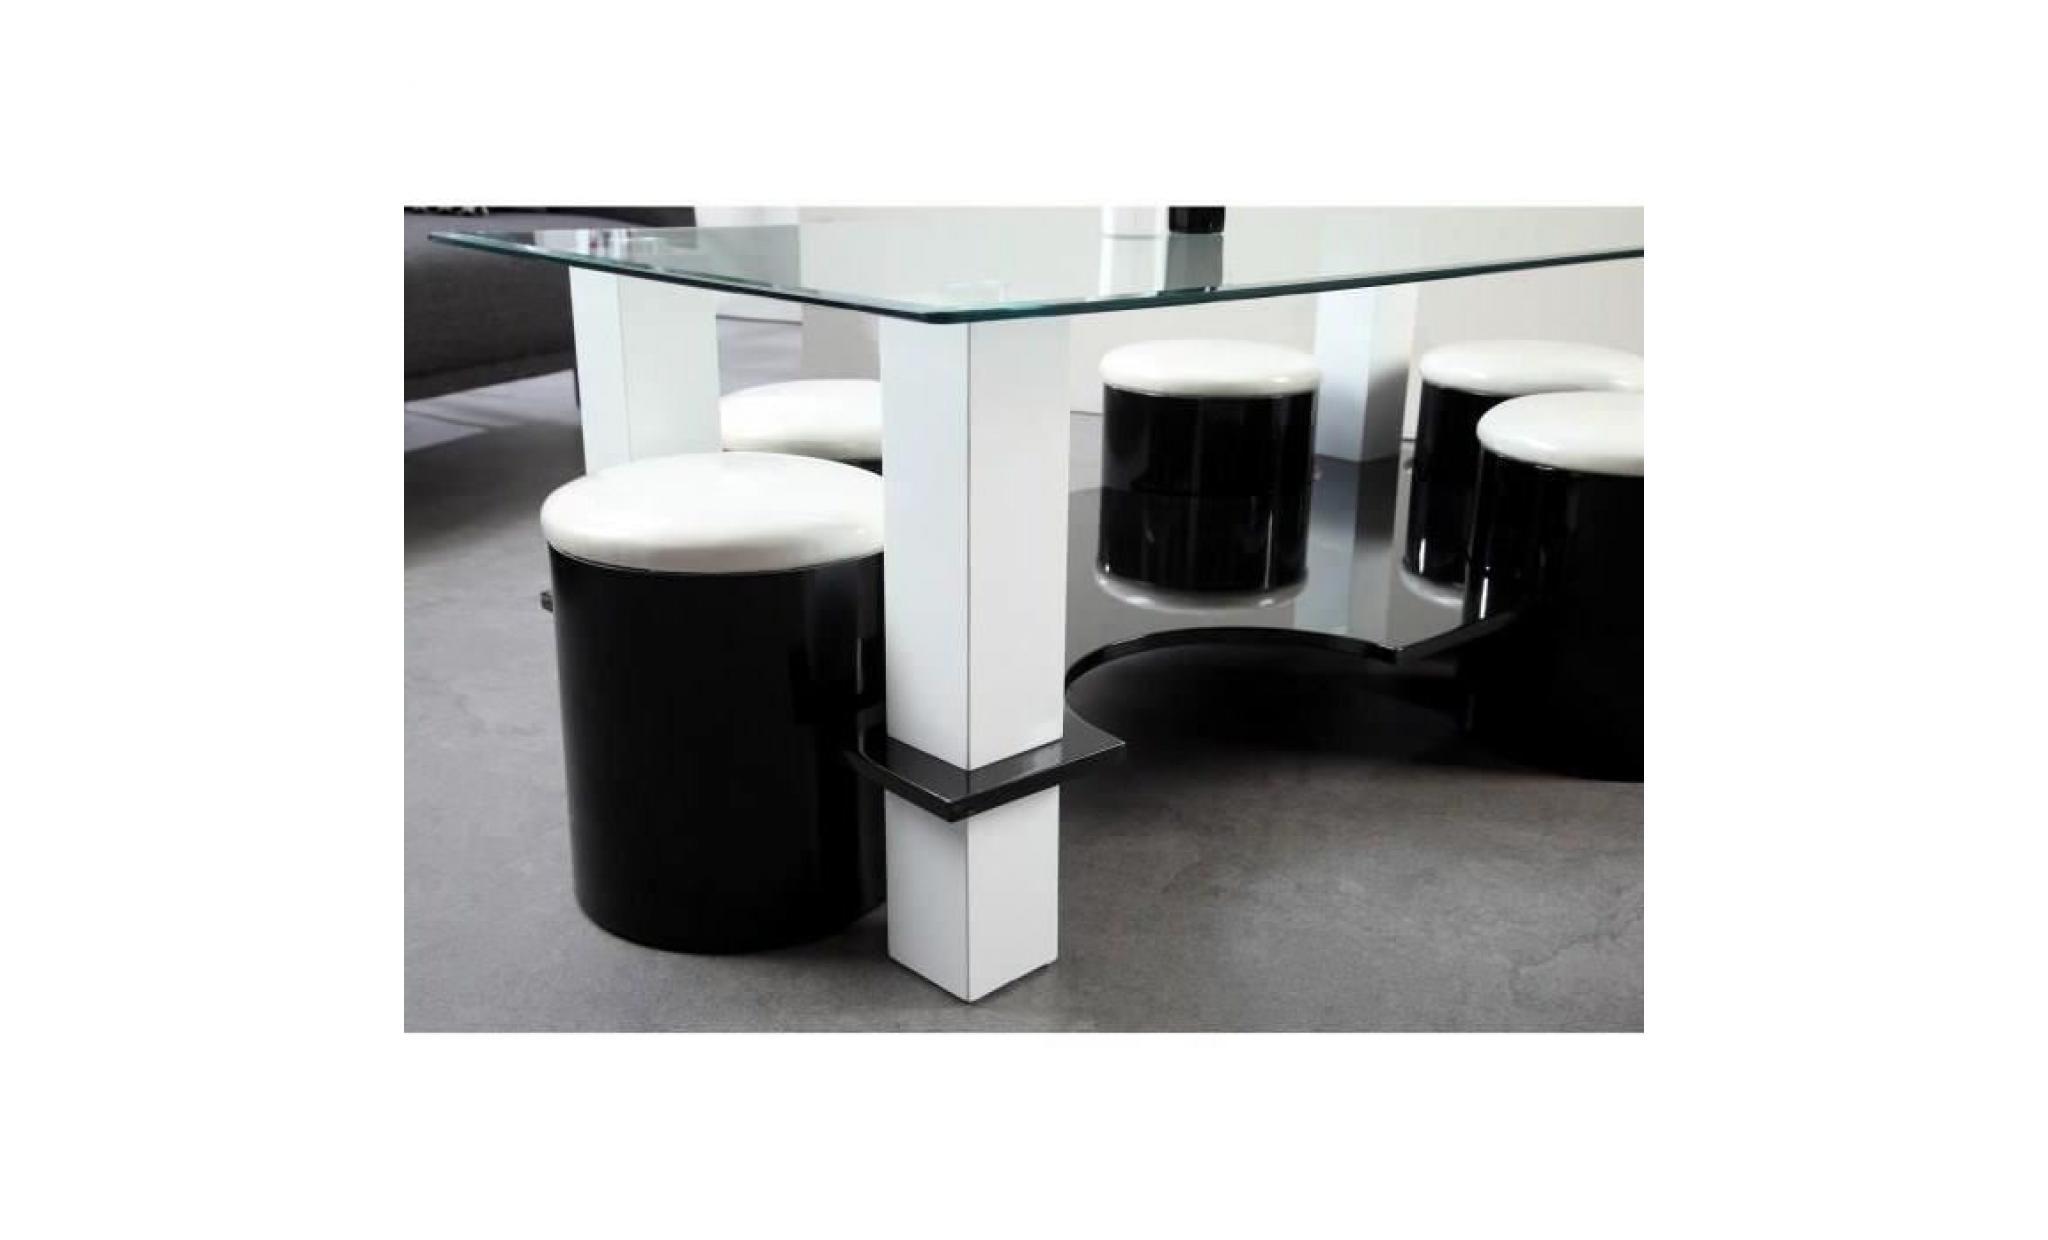 Bodega Table Basse 6 Poufs Contemporain Mdf Noir Et Blanc L 130 X P 70 Cm Noir